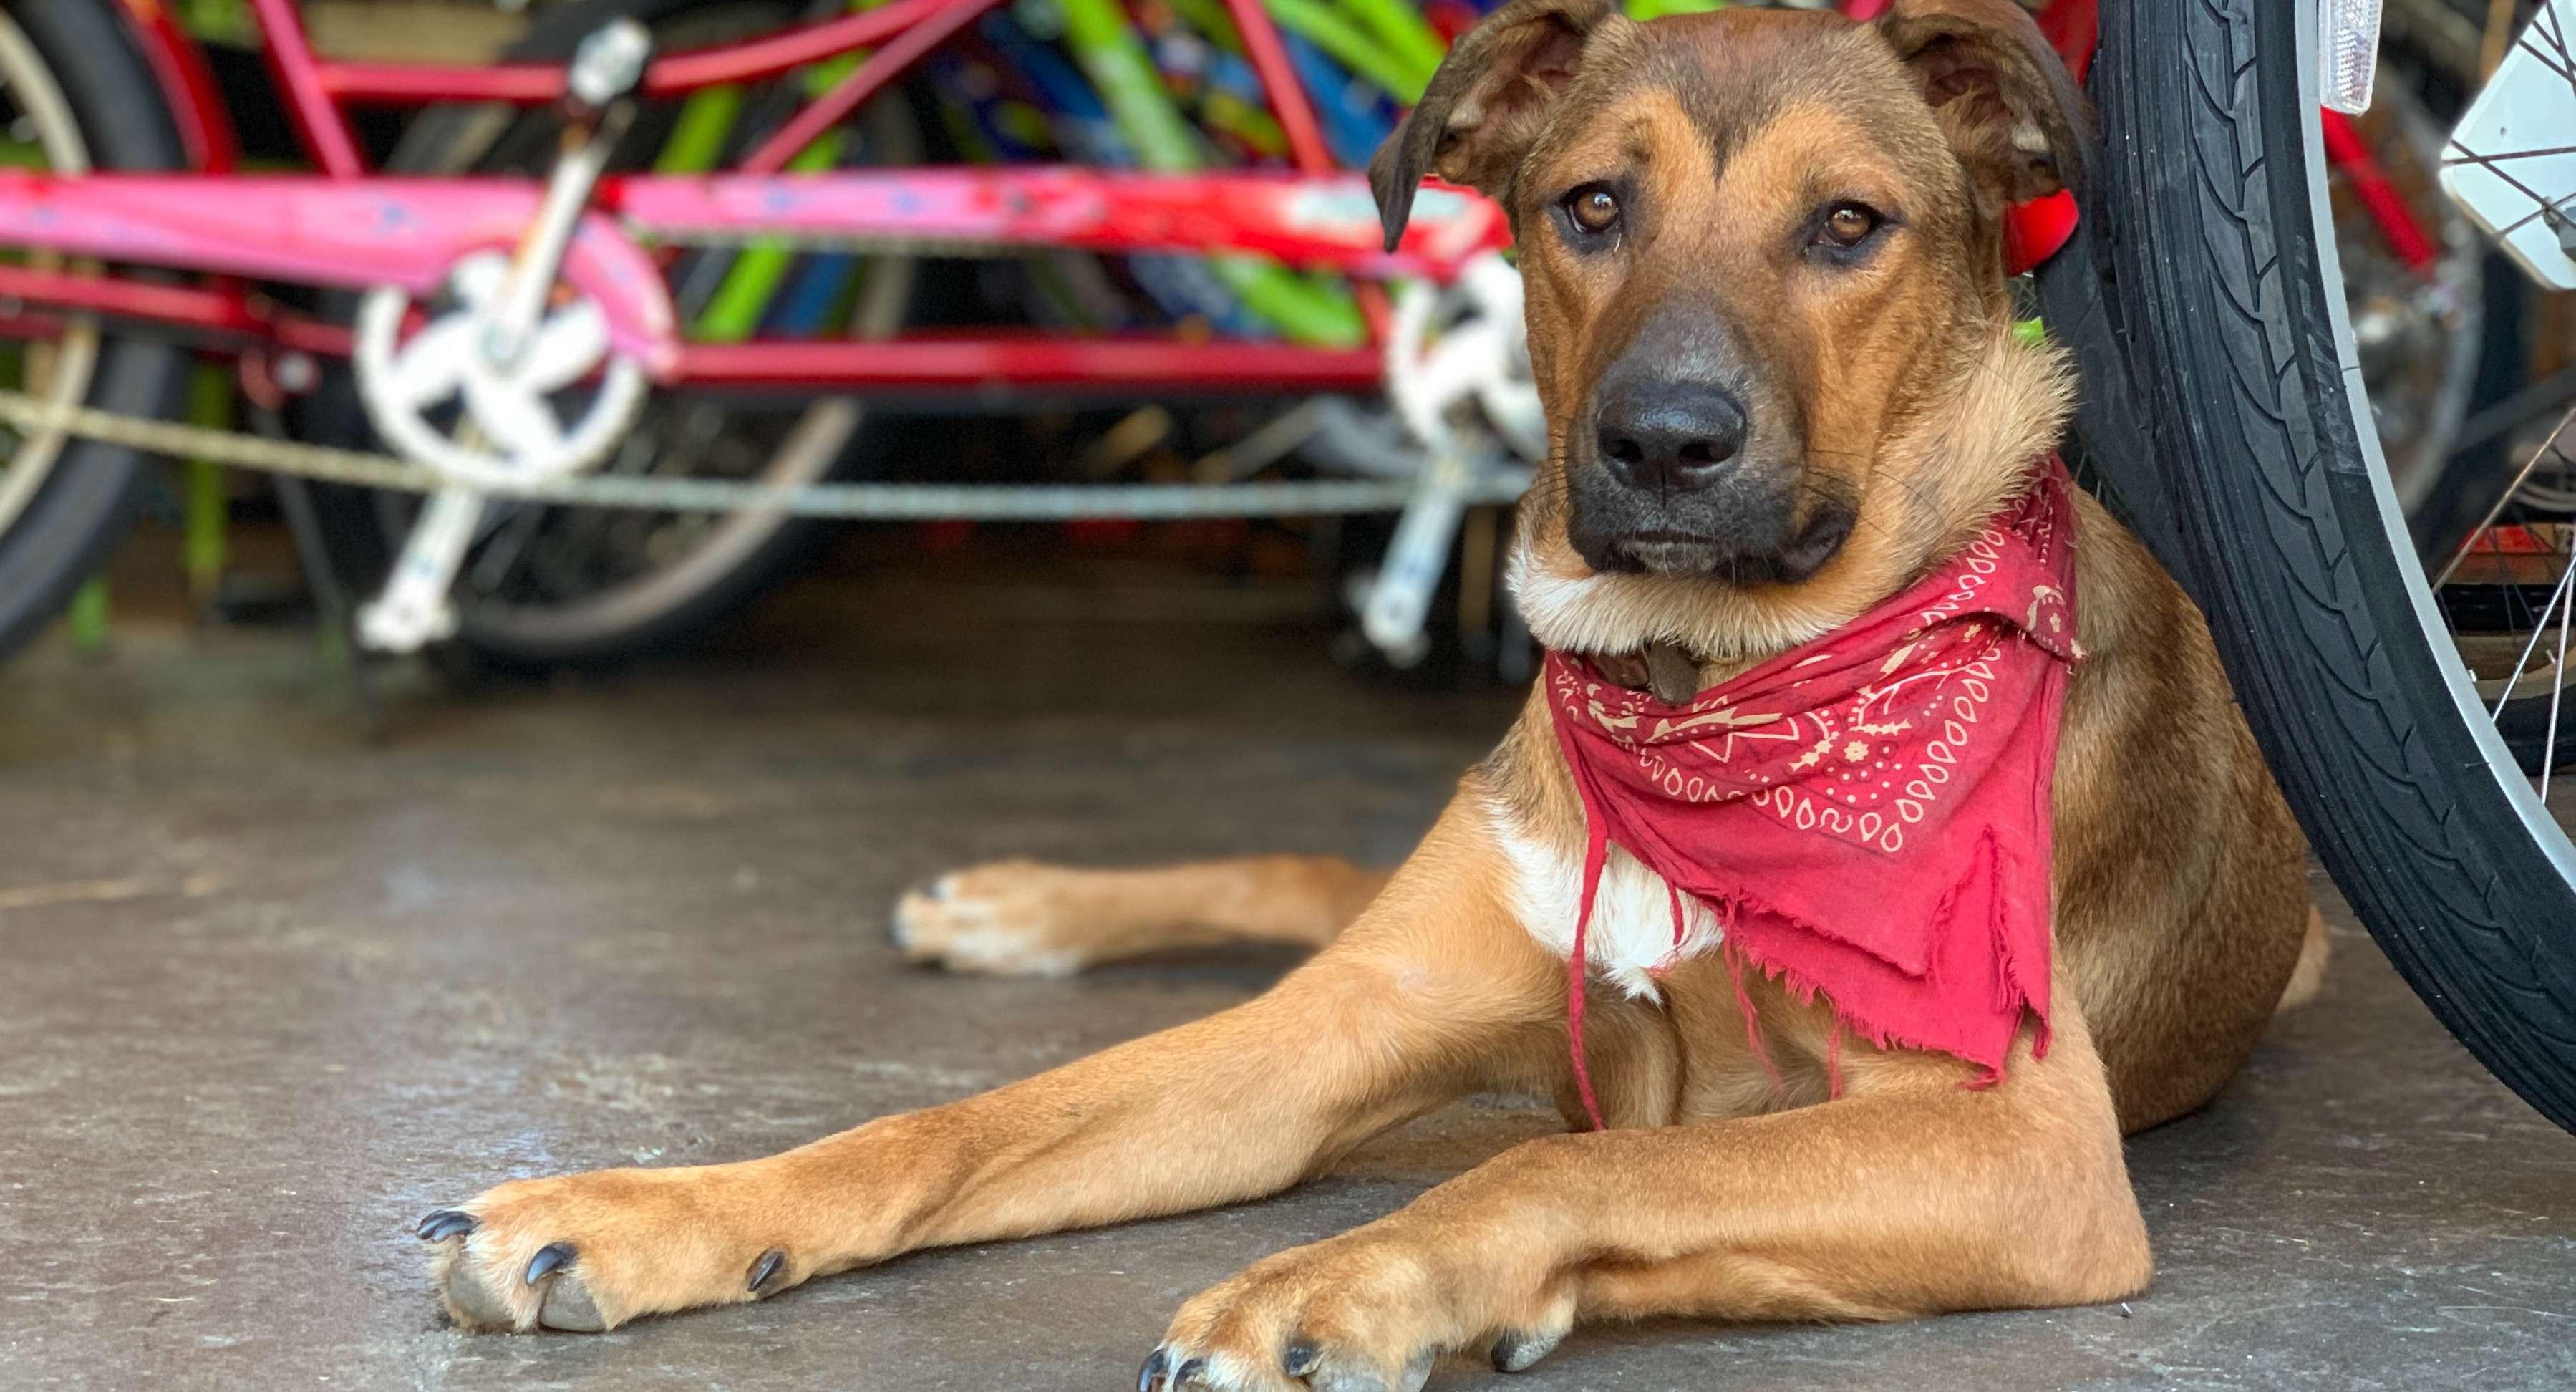 Shop dog pic